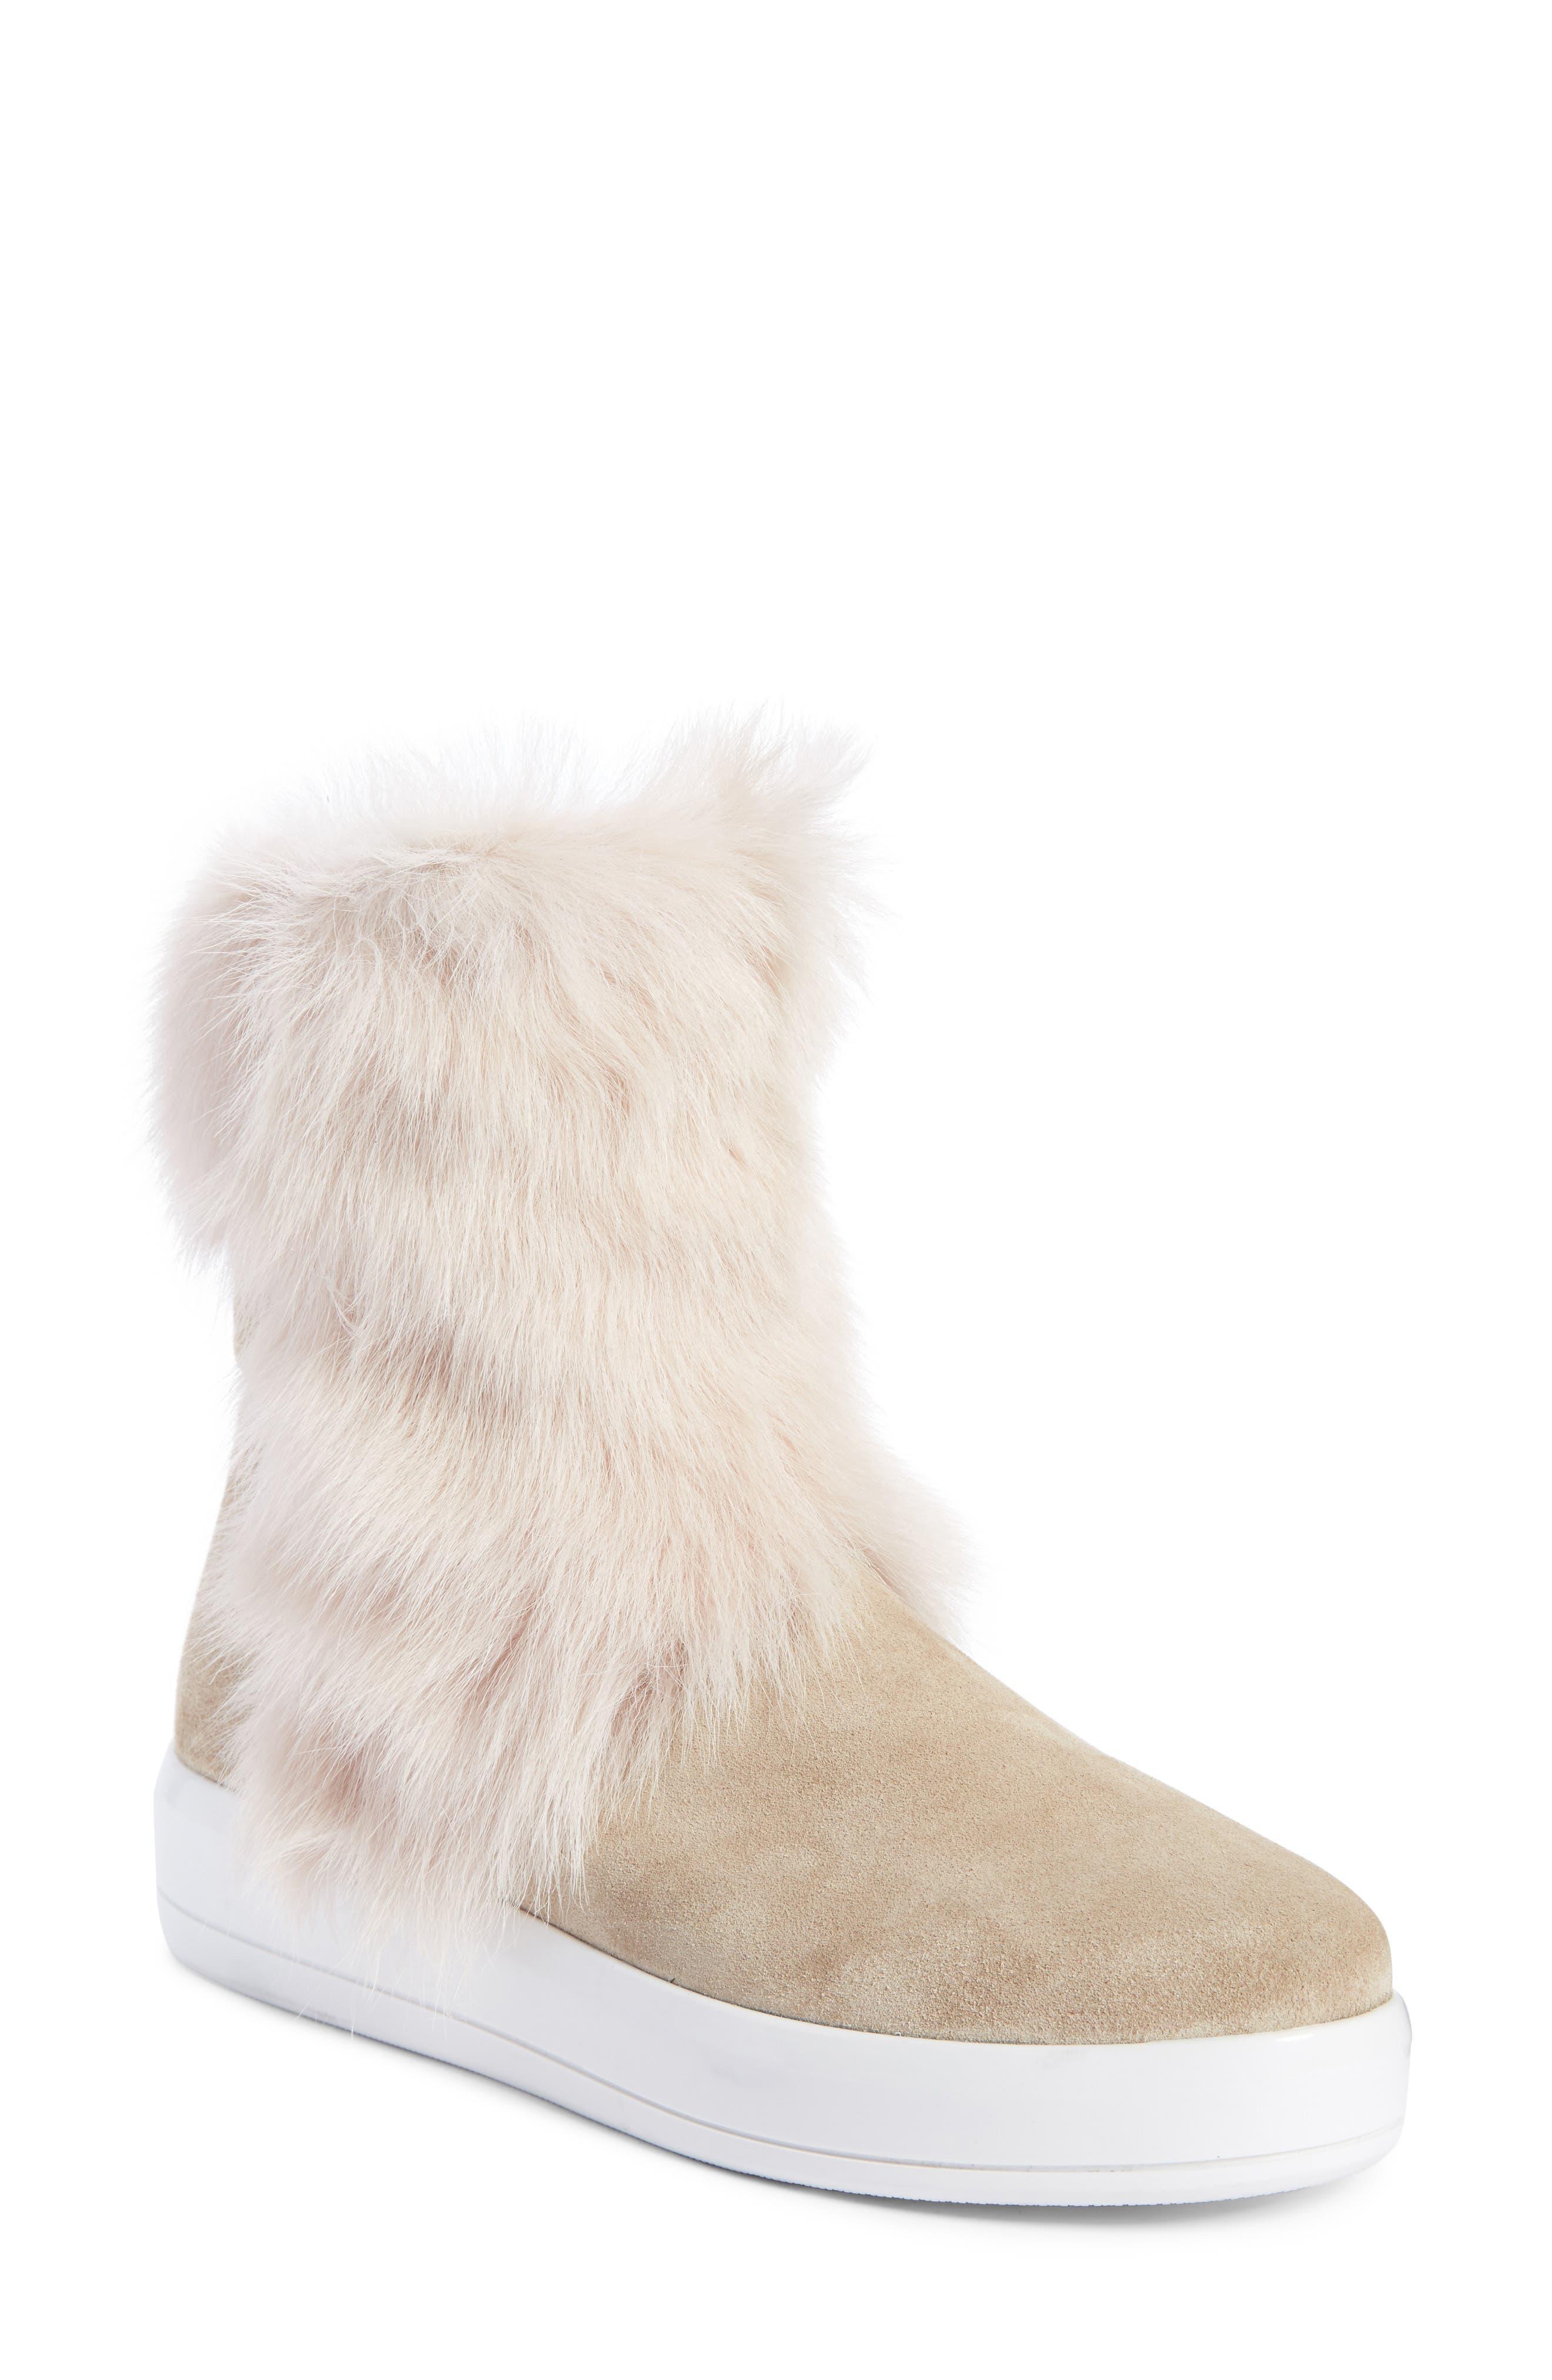 Prada Linea Rossa Calfskin Suede Boot with Genuine Shearling Trim (Women)